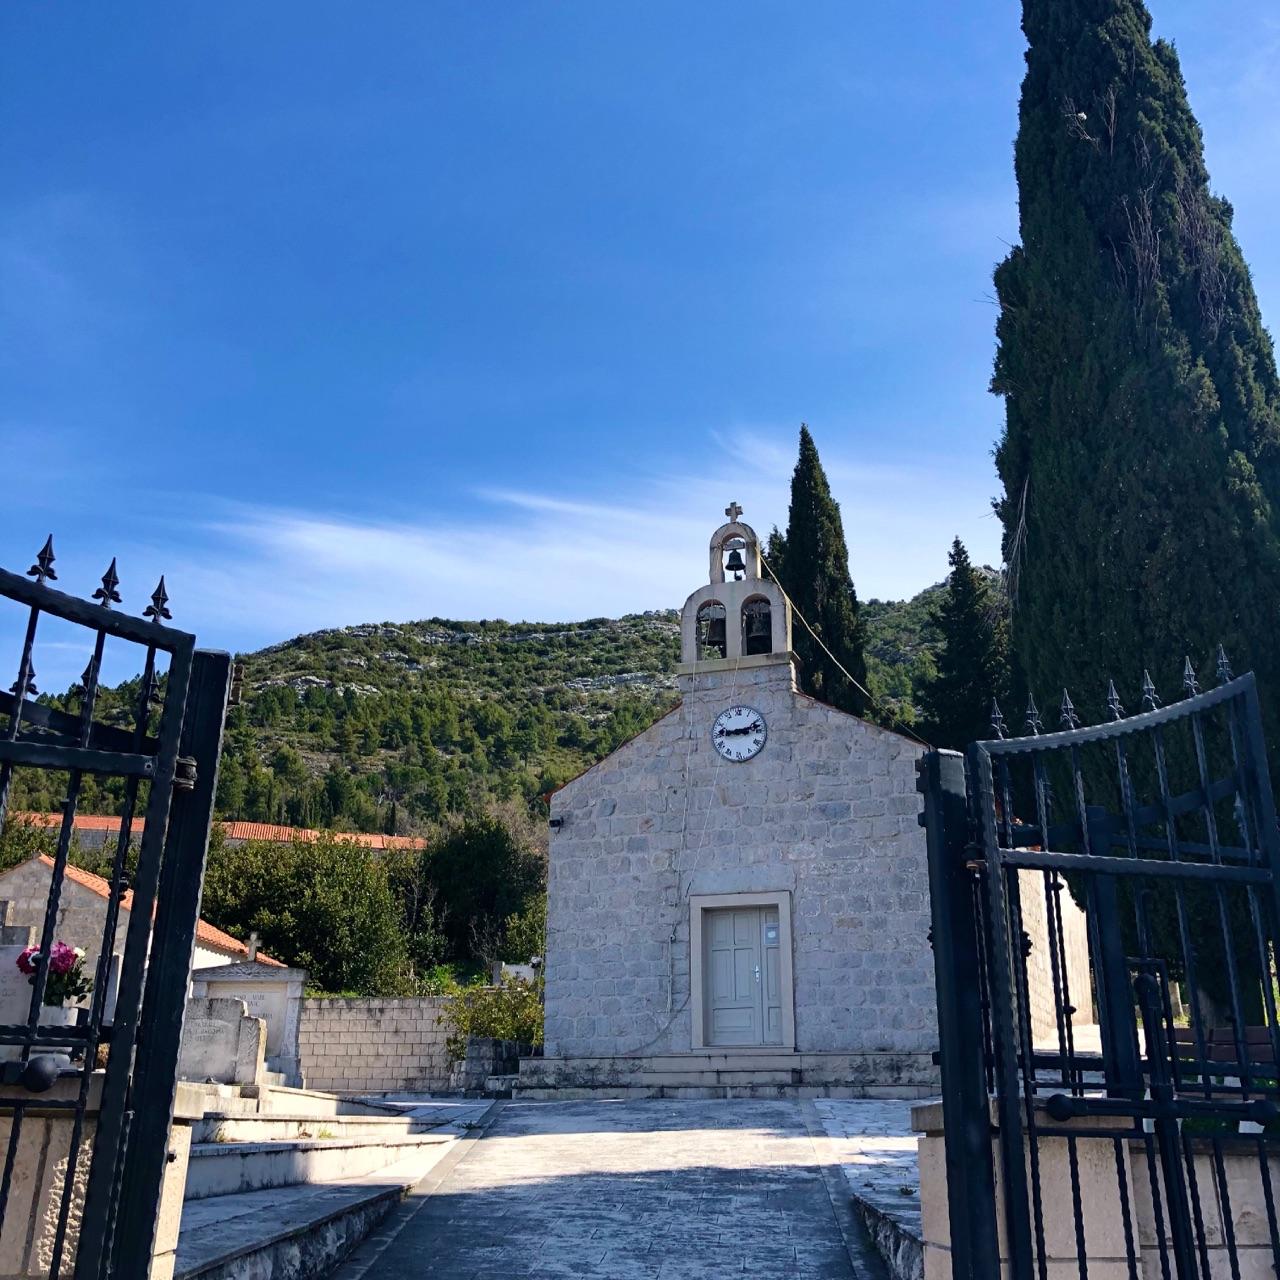 balkan, Dalmatia, and architecture image